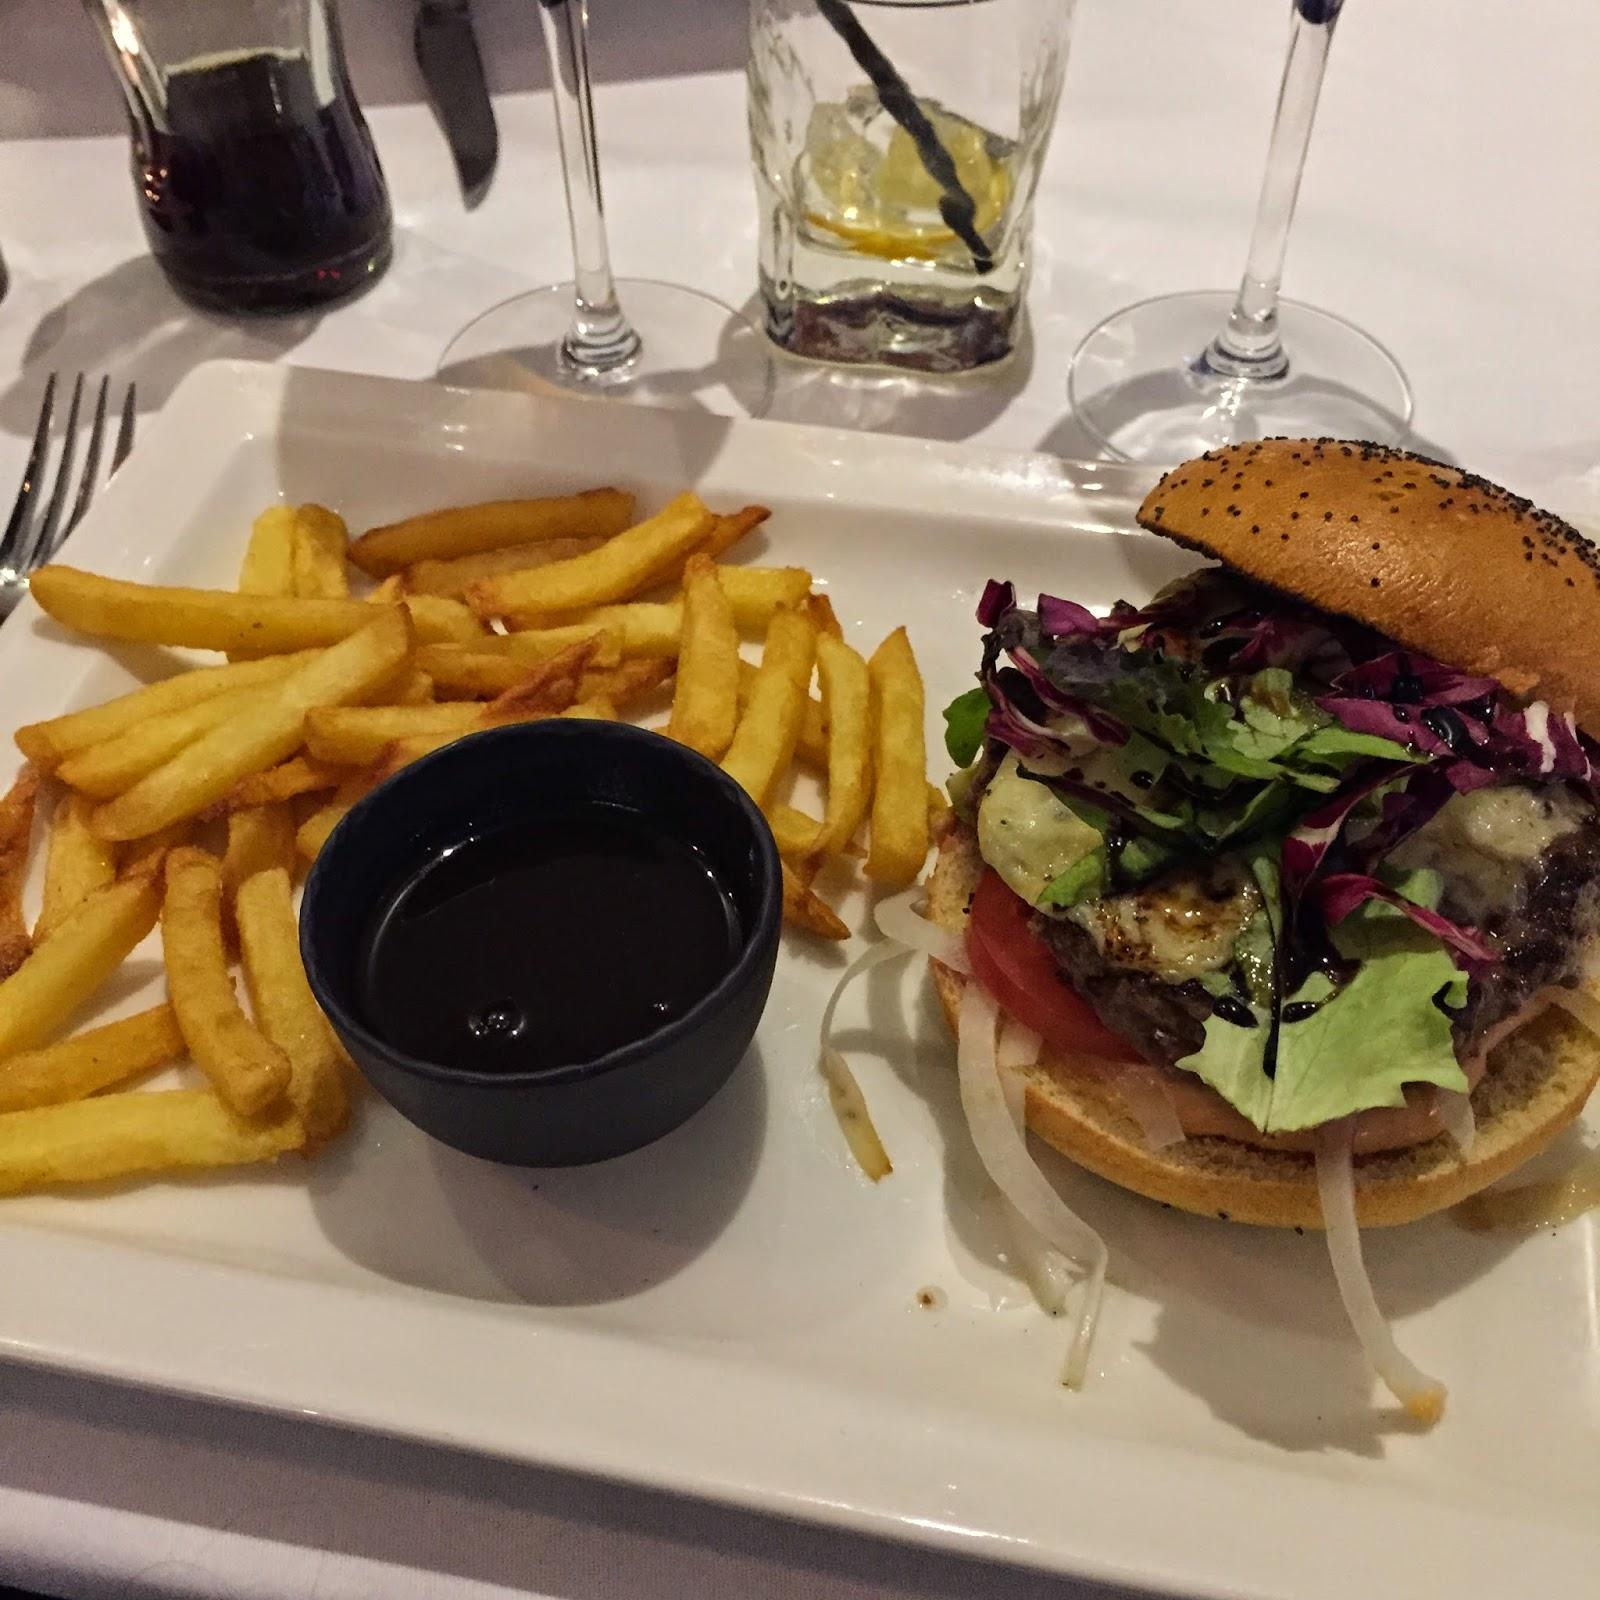 Monsieur A - Burger du chef